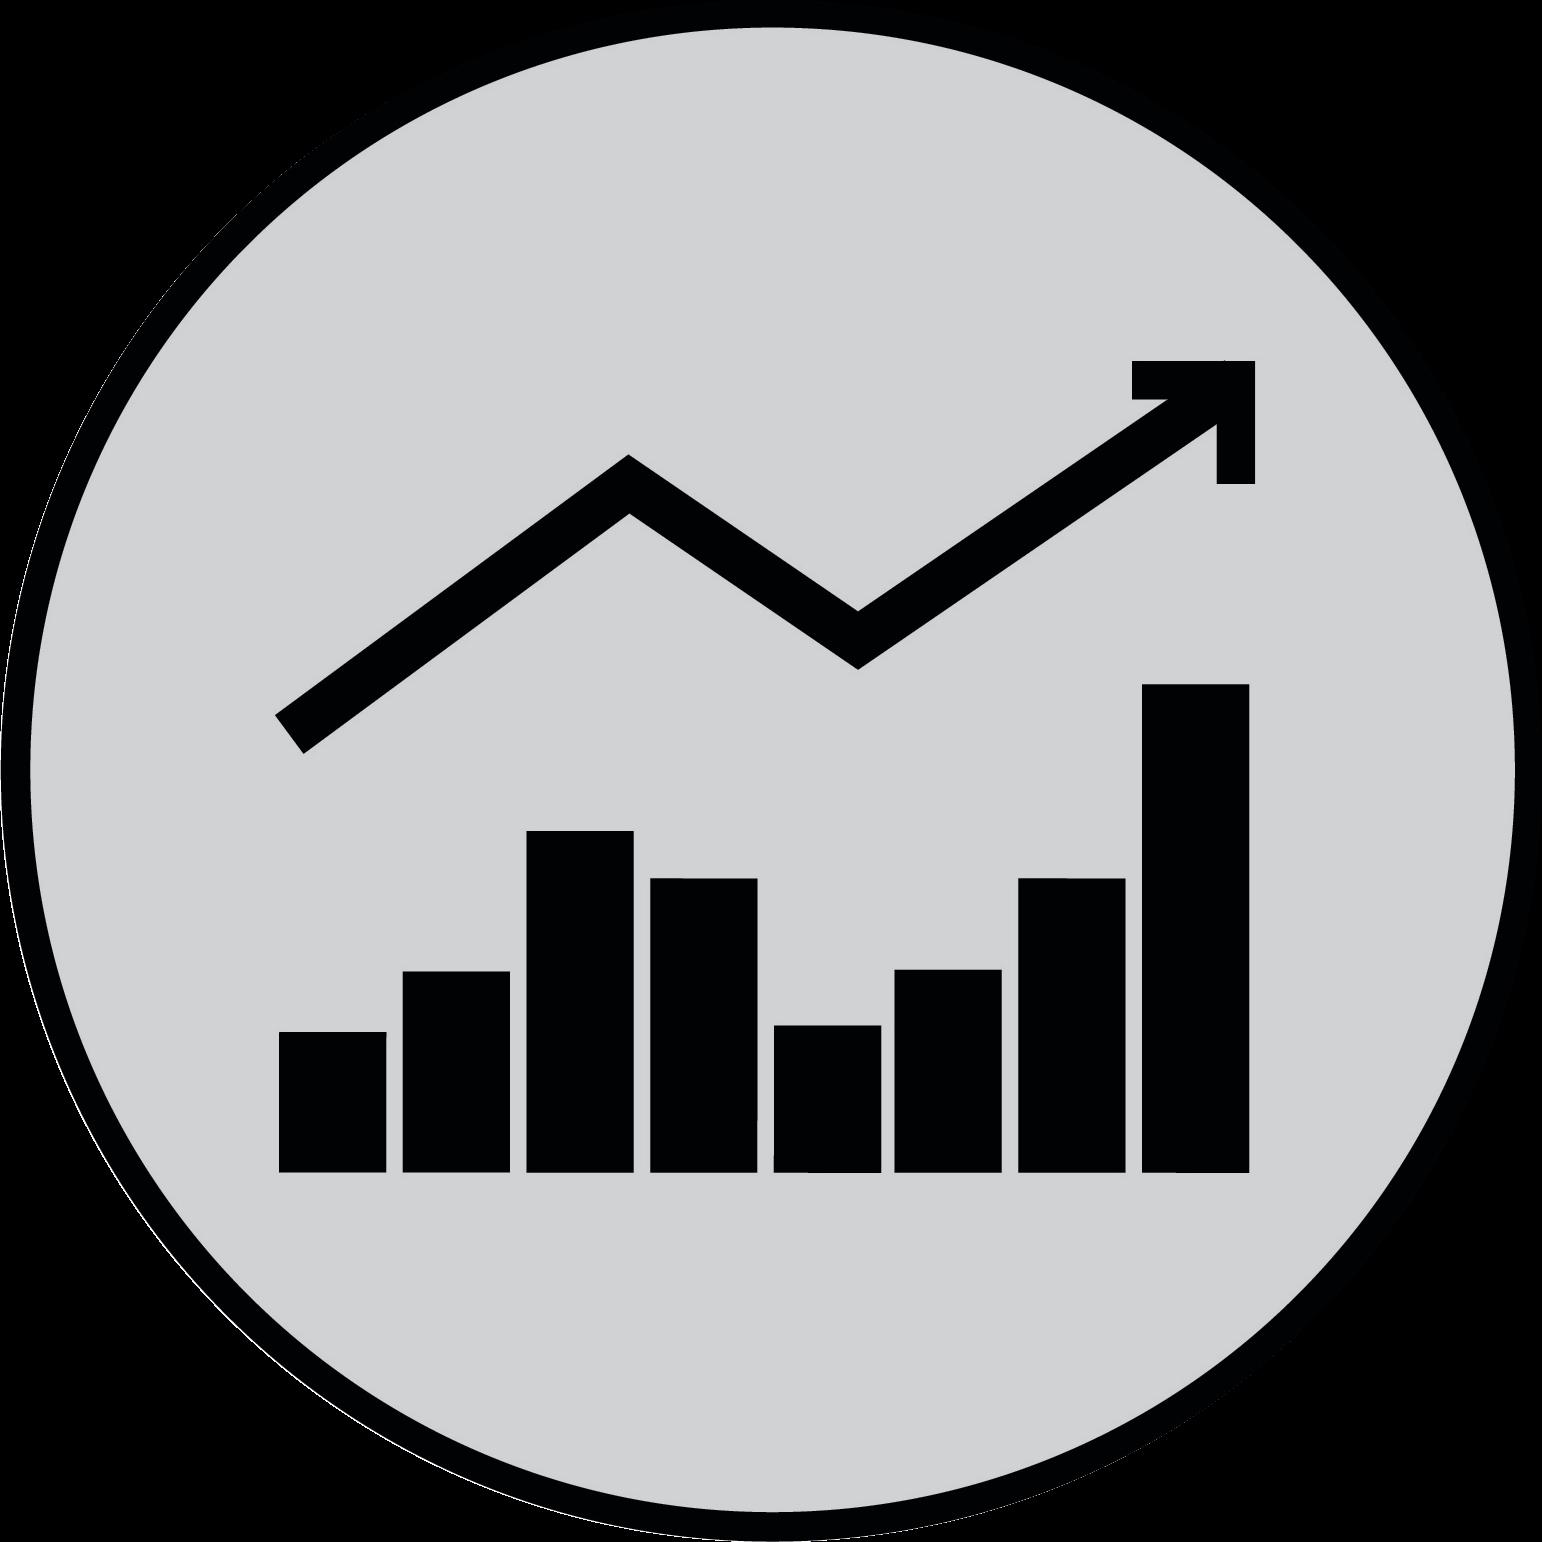 401k Circle Graphic